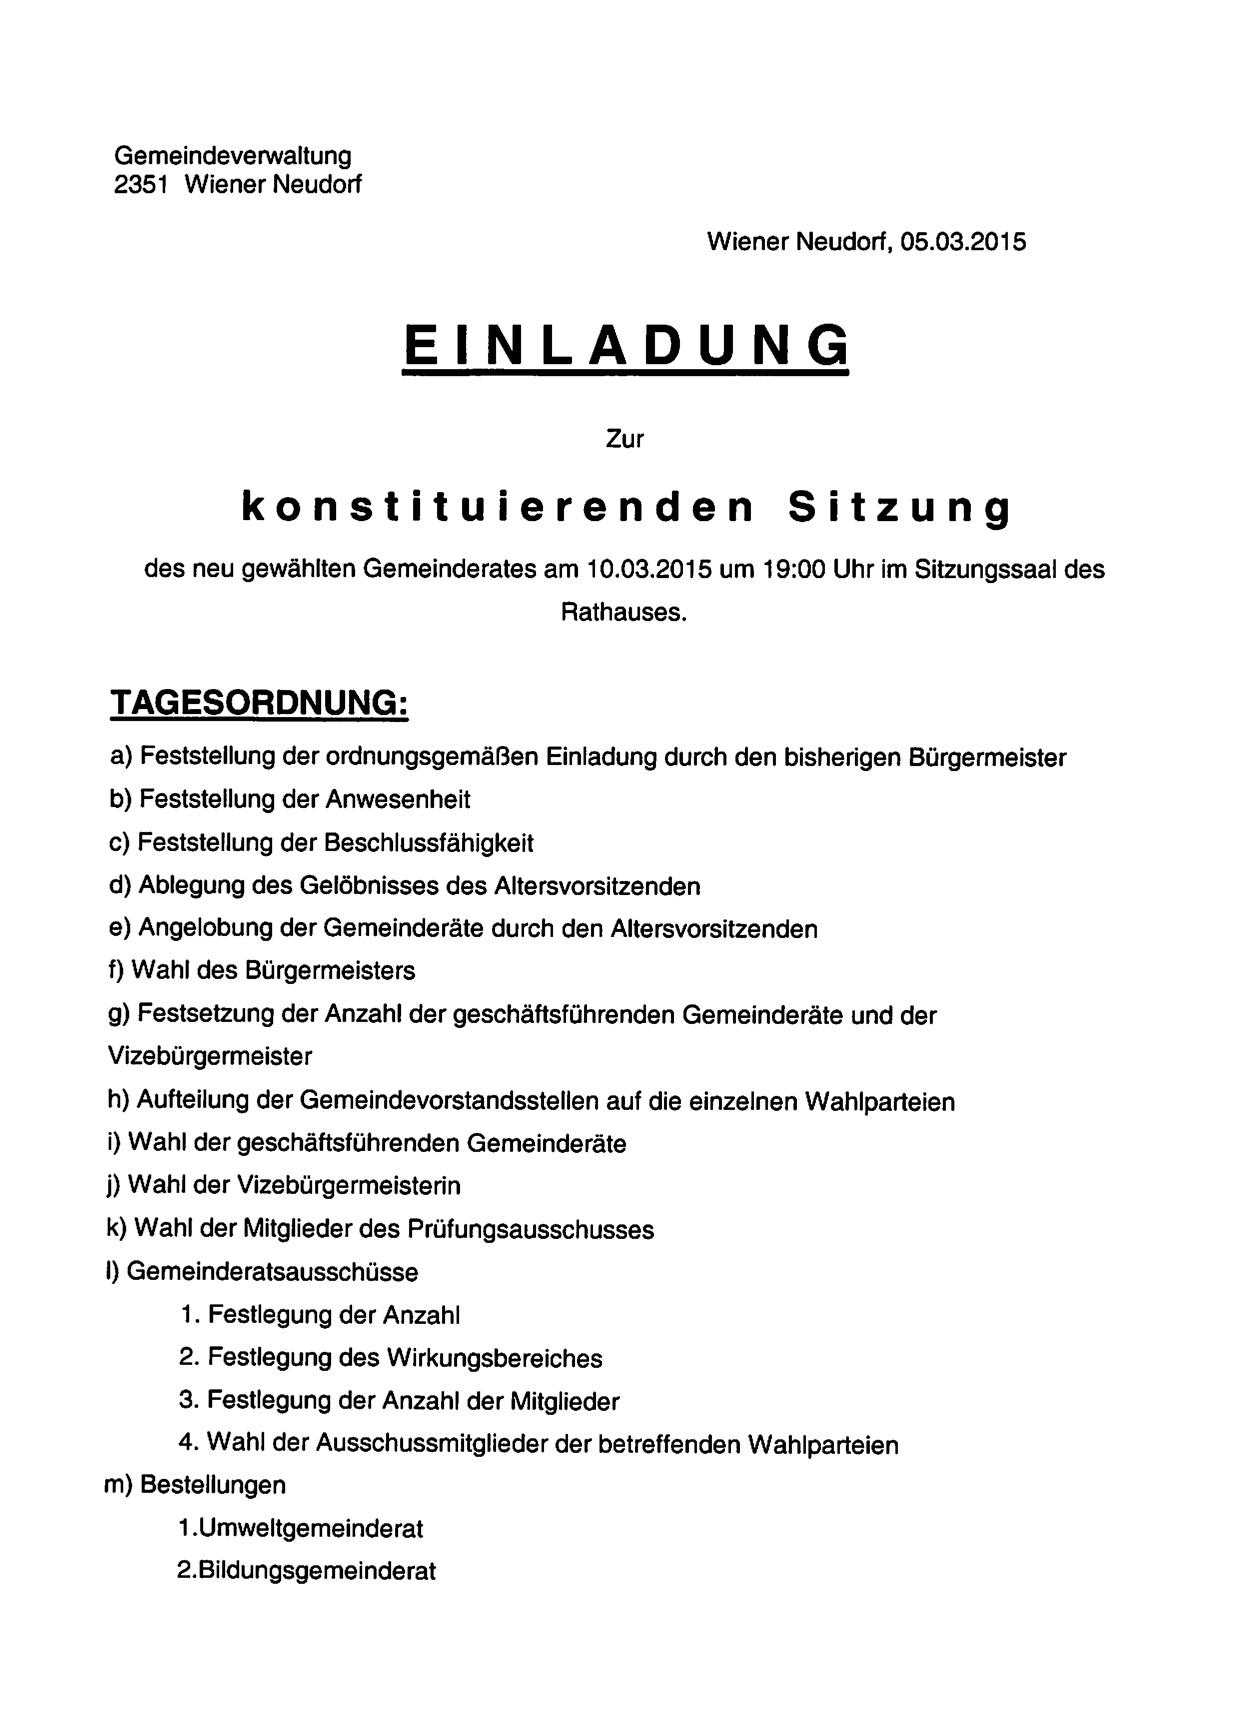 Einladung konstituierende Sitzung